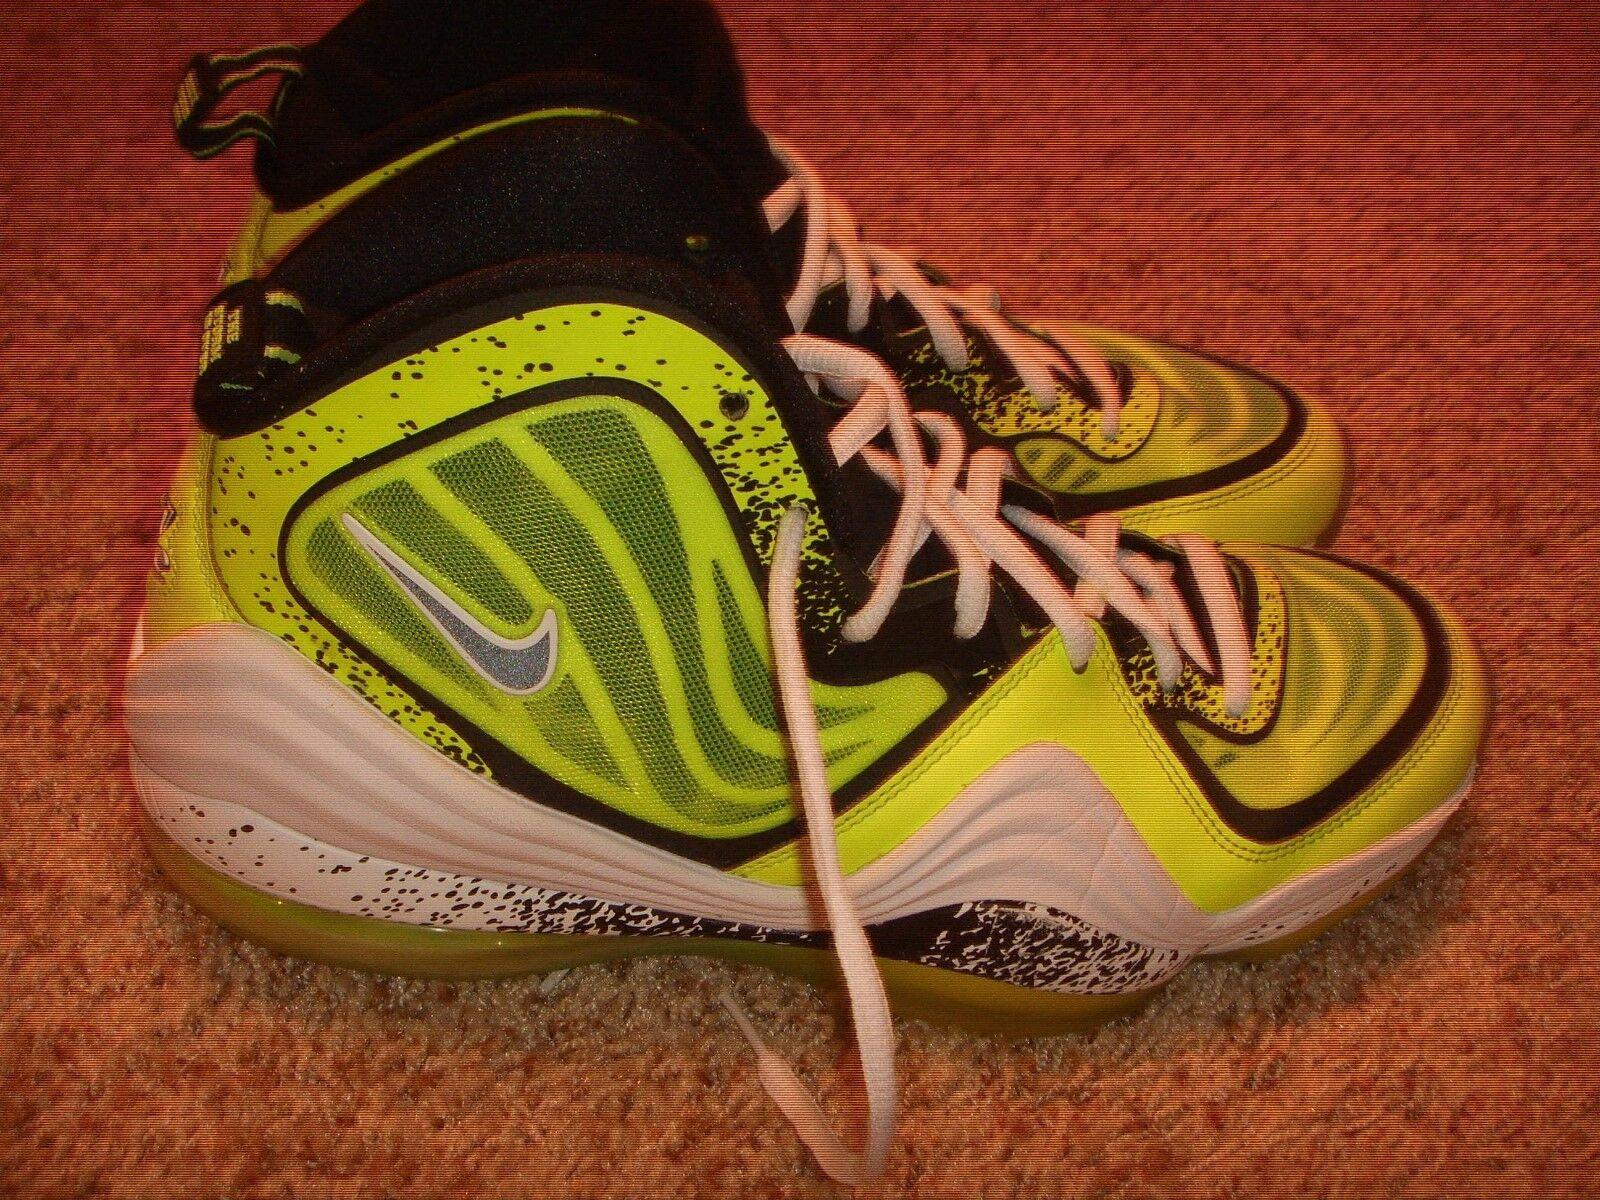 Nike Volt Air Penny V HL Volt Nike Amarillo Hombre cómodo marca de descuento 854bdd